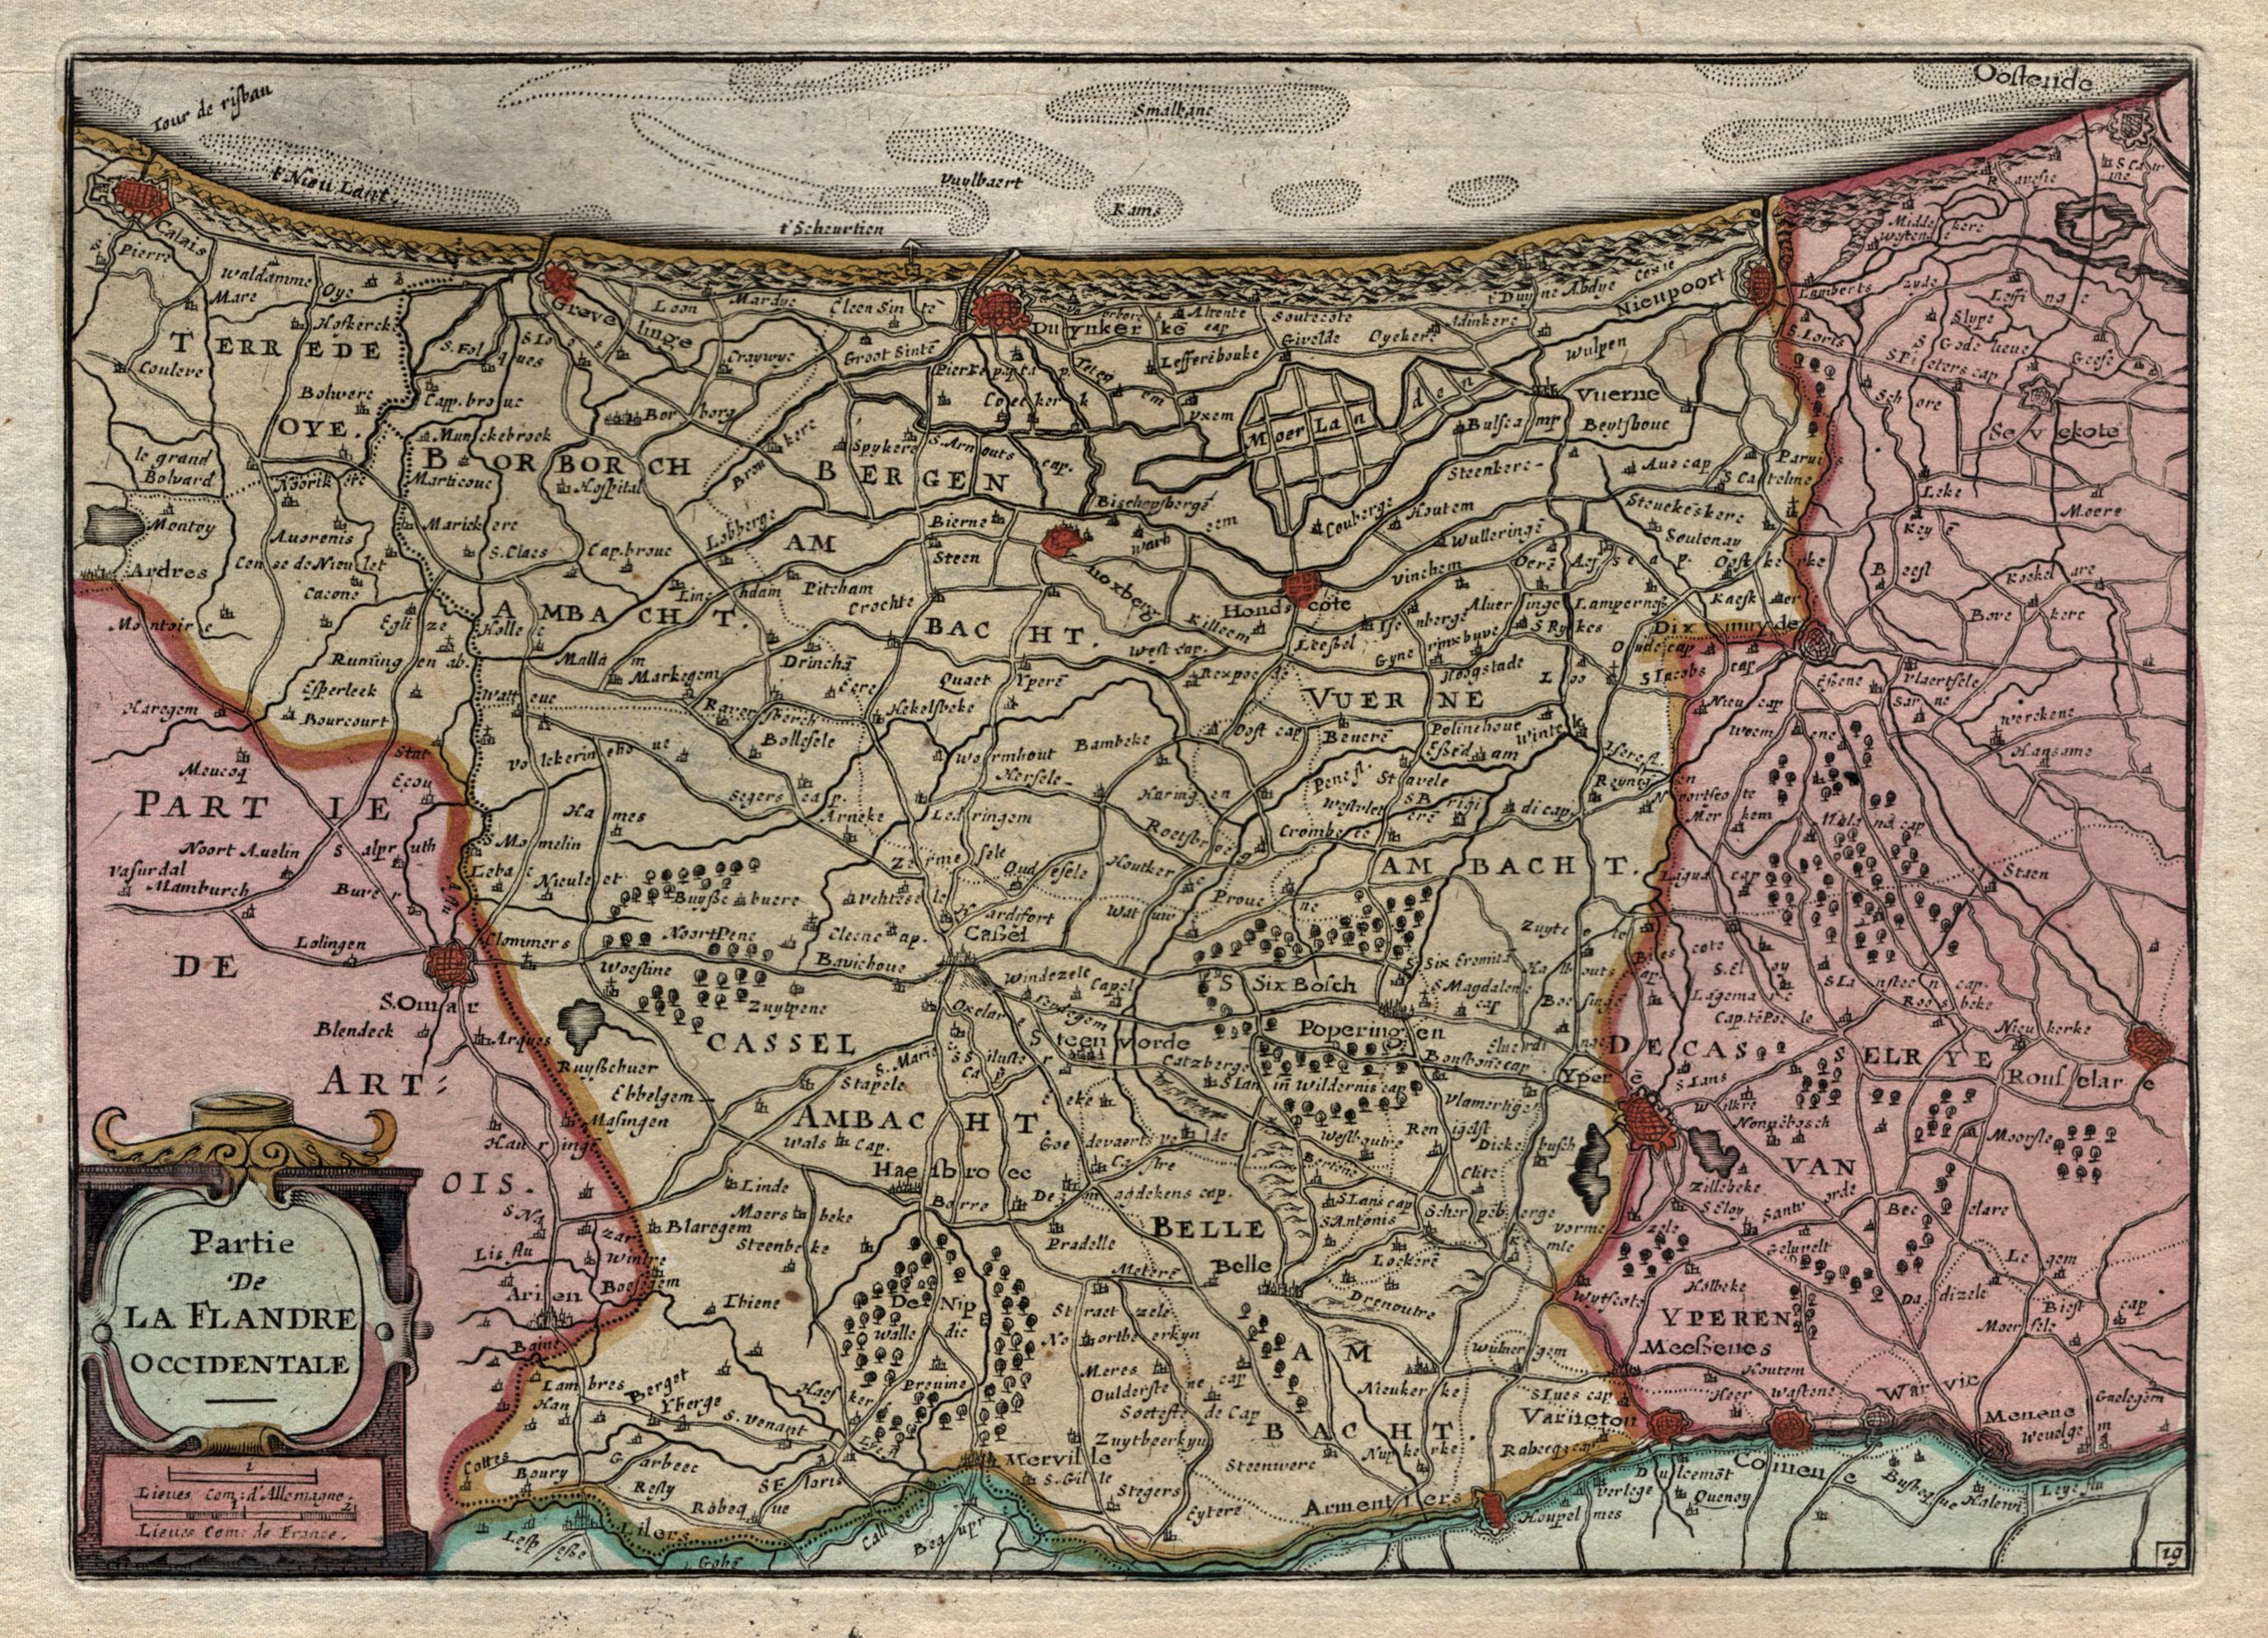 Kst.- Karte, von Daniel de la Feuille: Flandern ( Vlaanderen